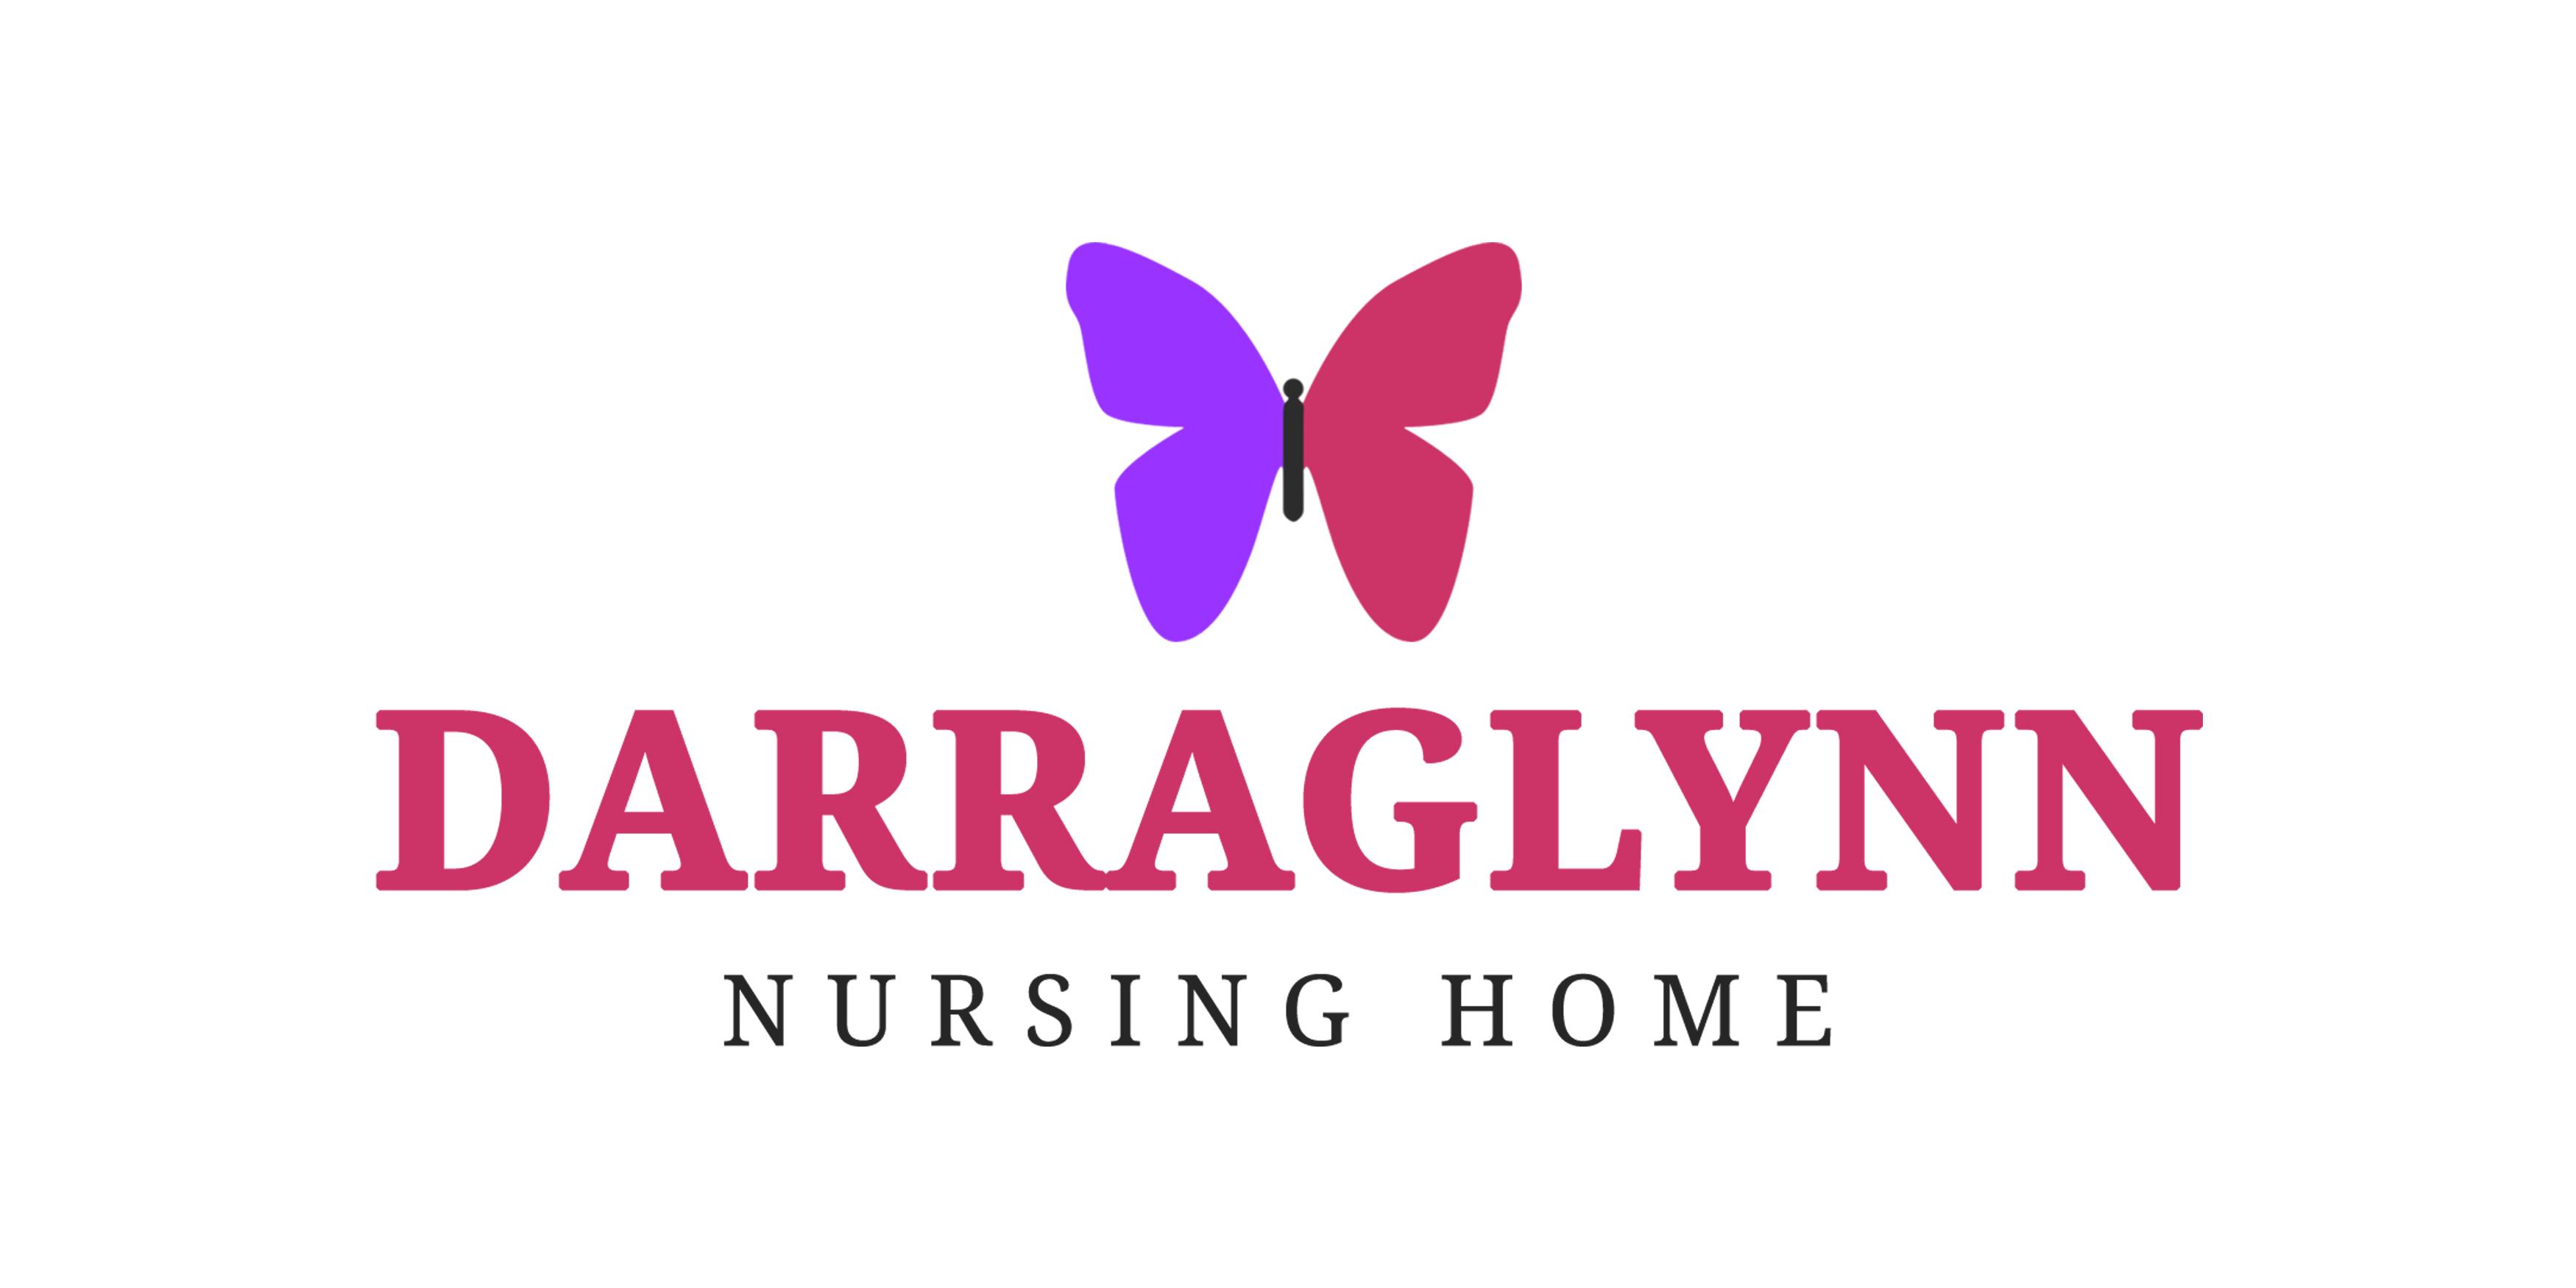 darraglynn-logo